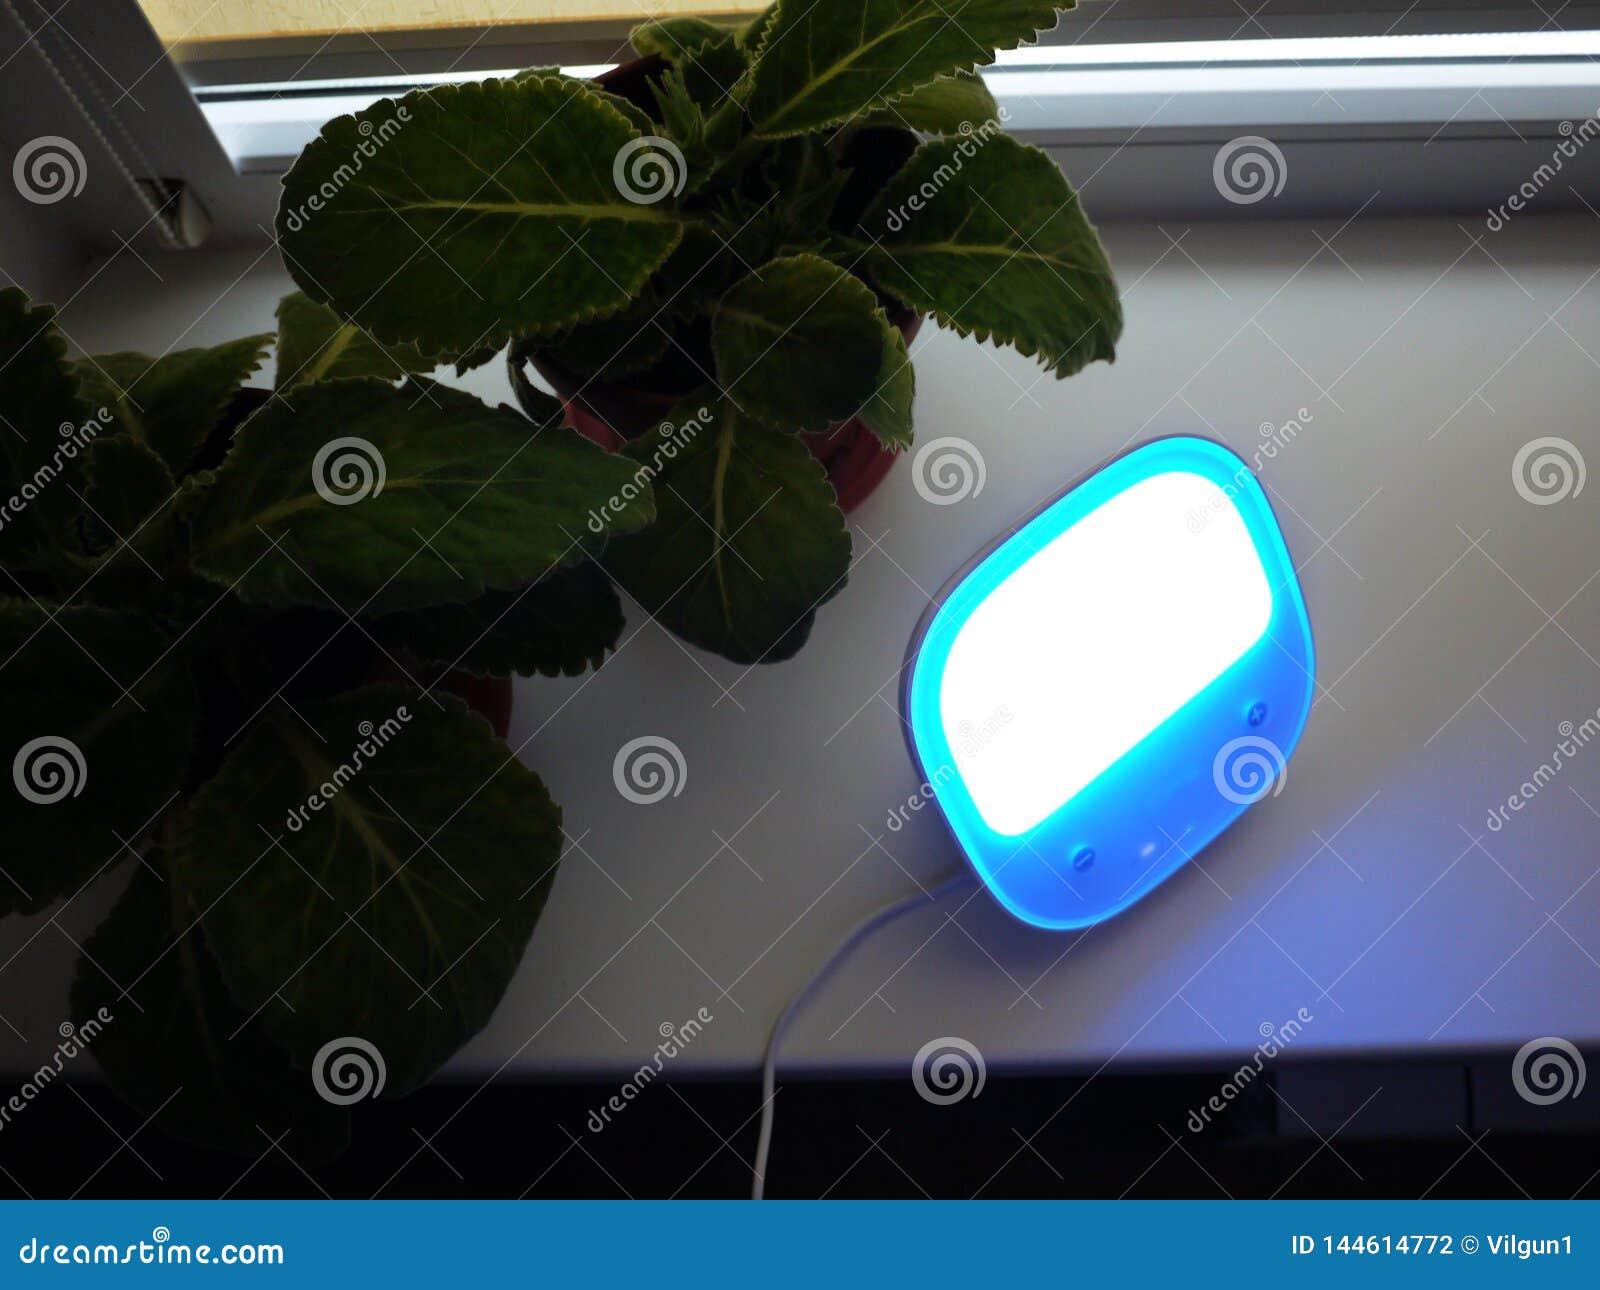 Schemerlamp thuis Gebruikt voor verlichting van diverse oppervlakten, de LEIDENE gloeilampen